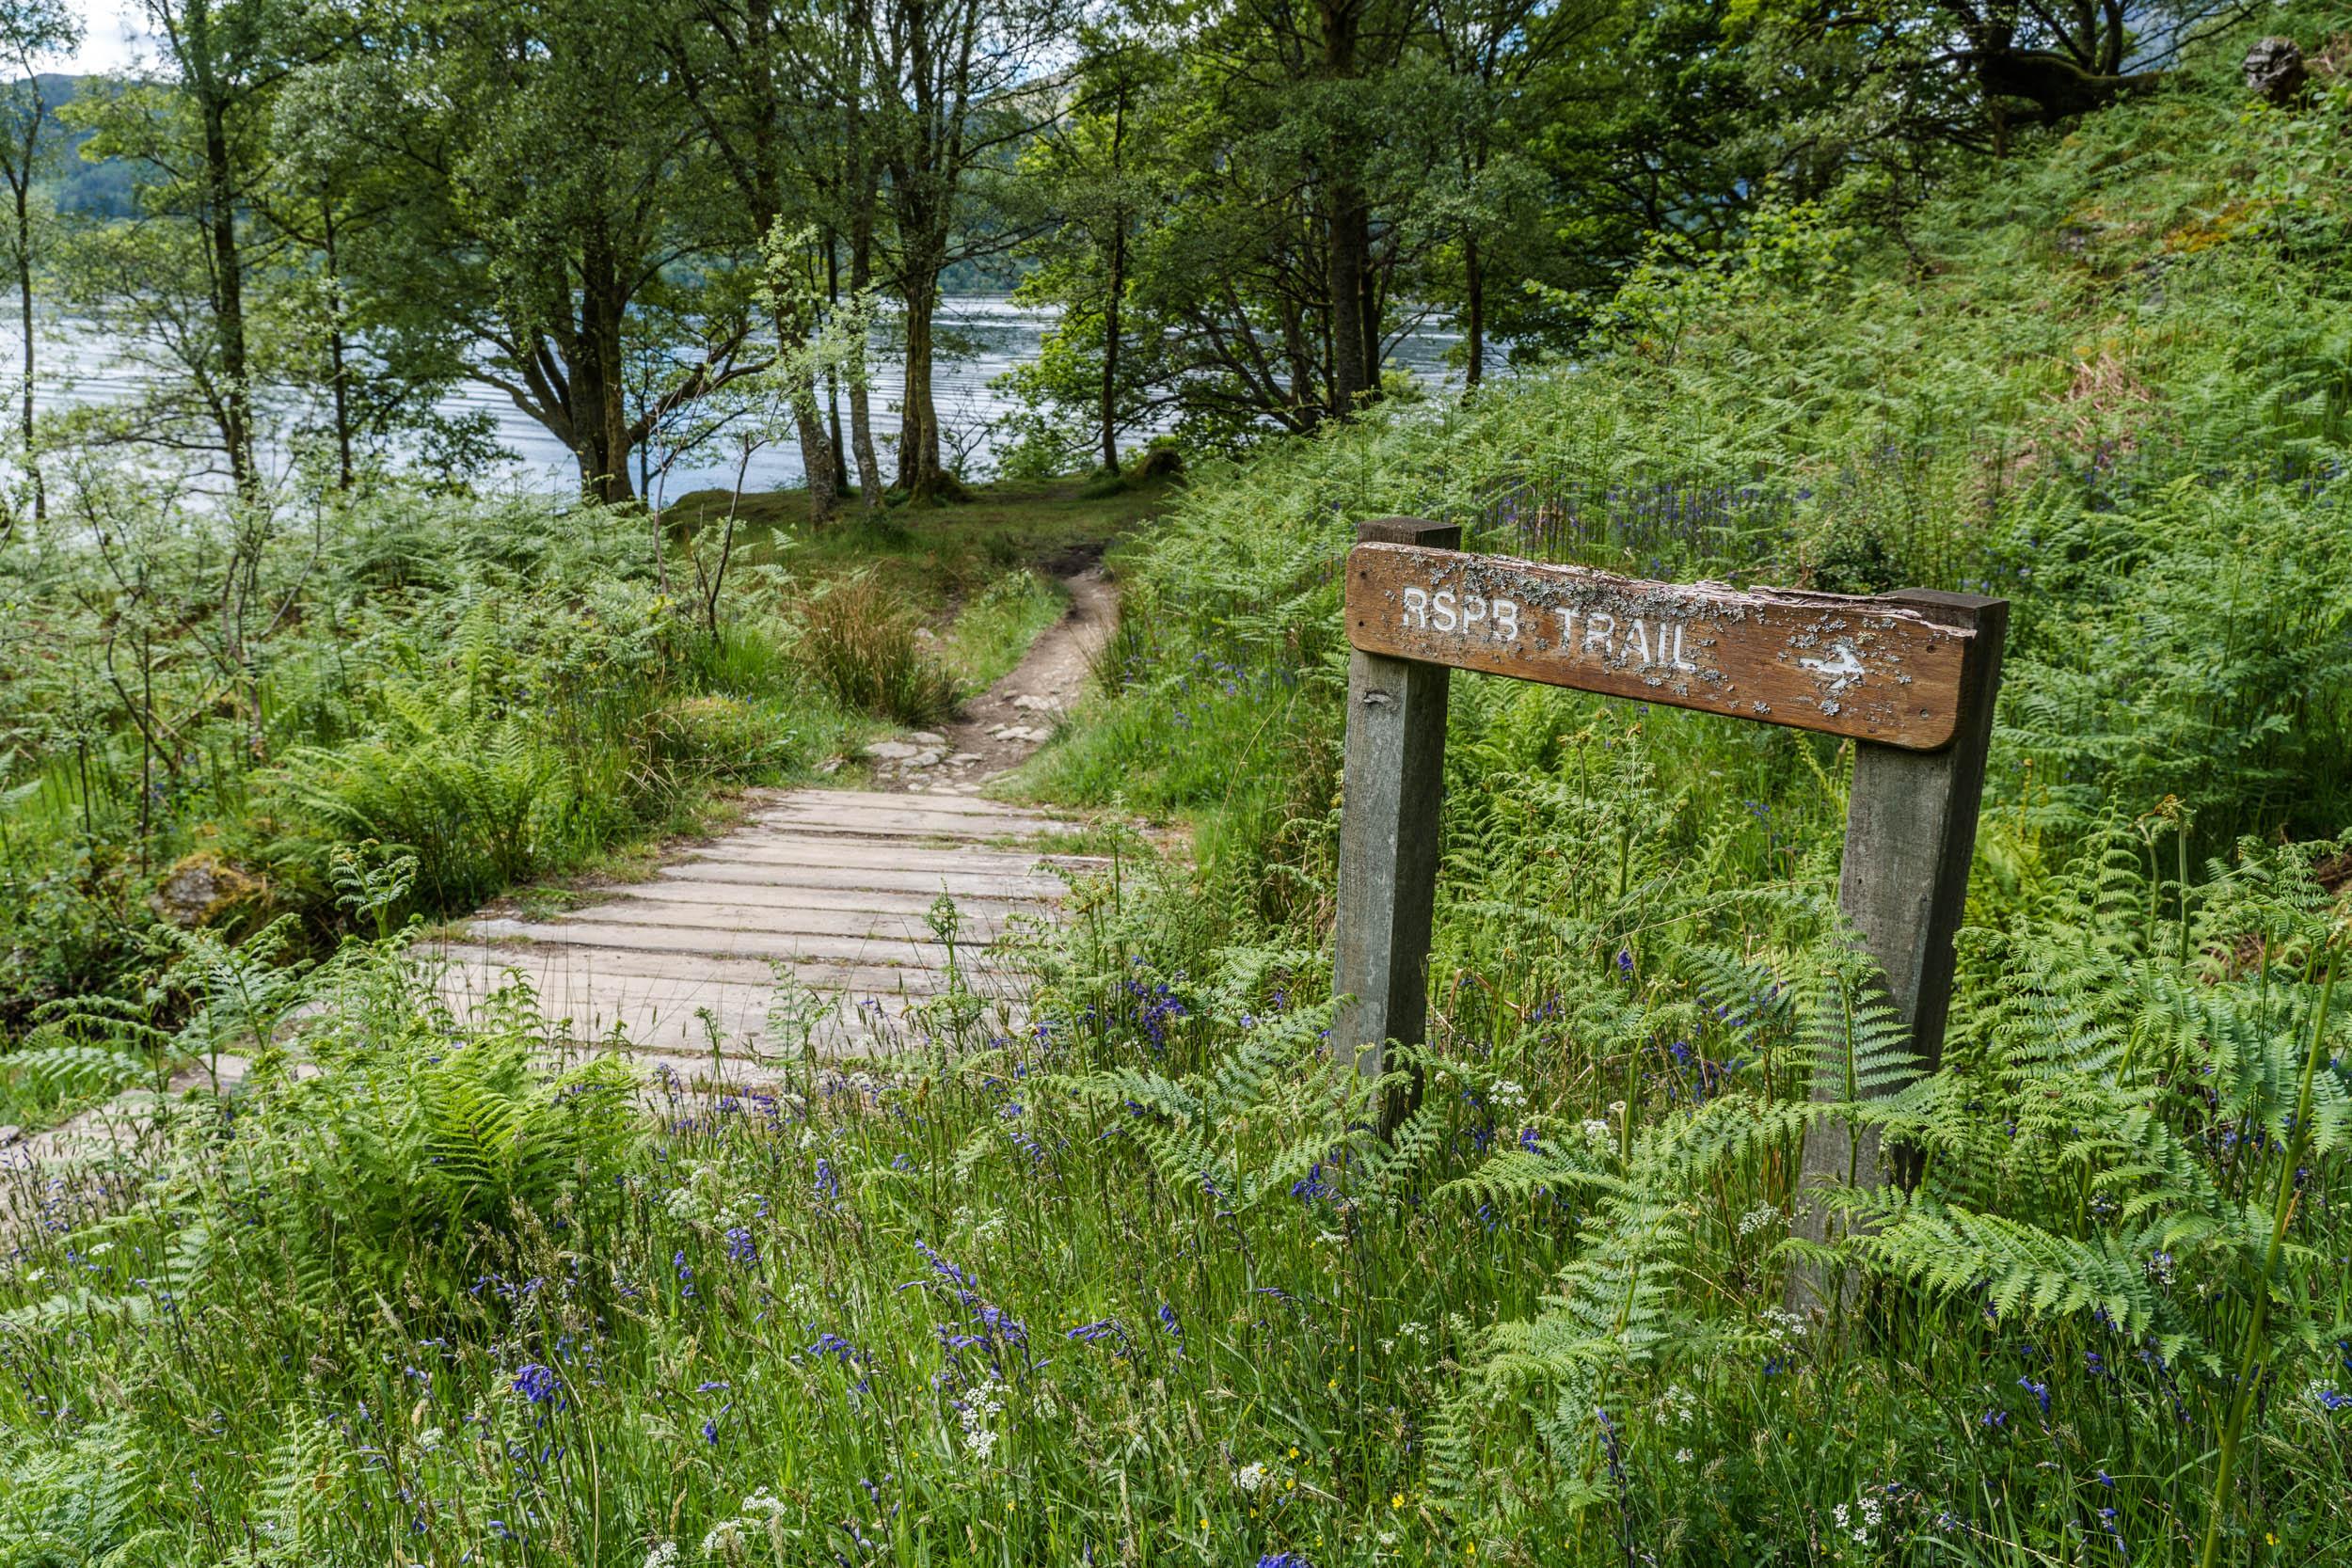 RSPB Trail, Inversnaid